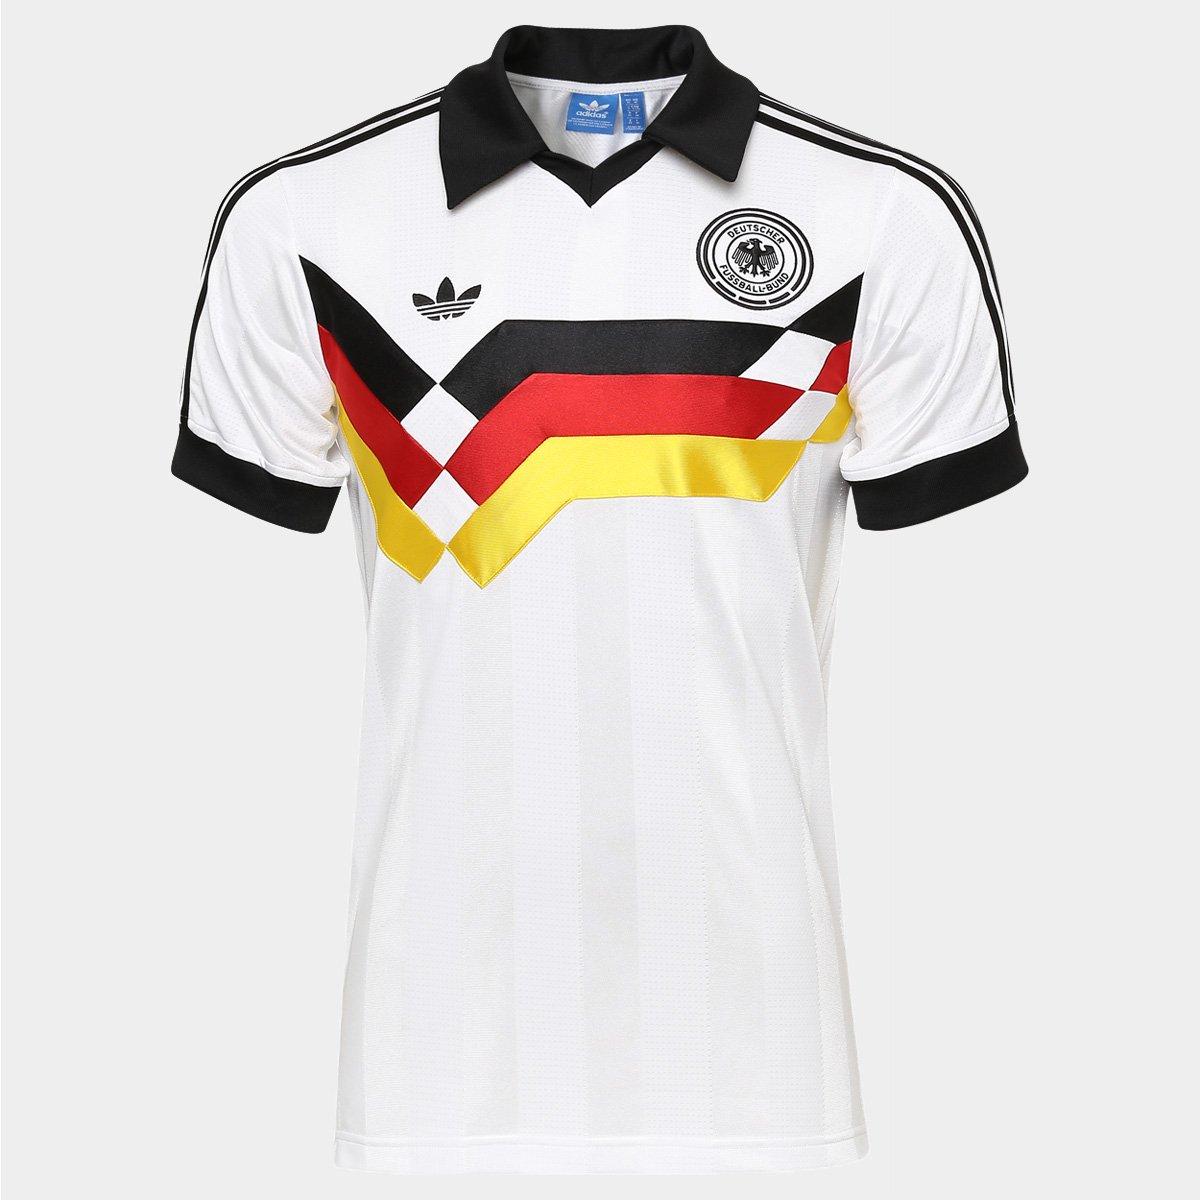 8f78e715b1 Camisa Adidas Alemanha Retrô 1990 - Compre Agora